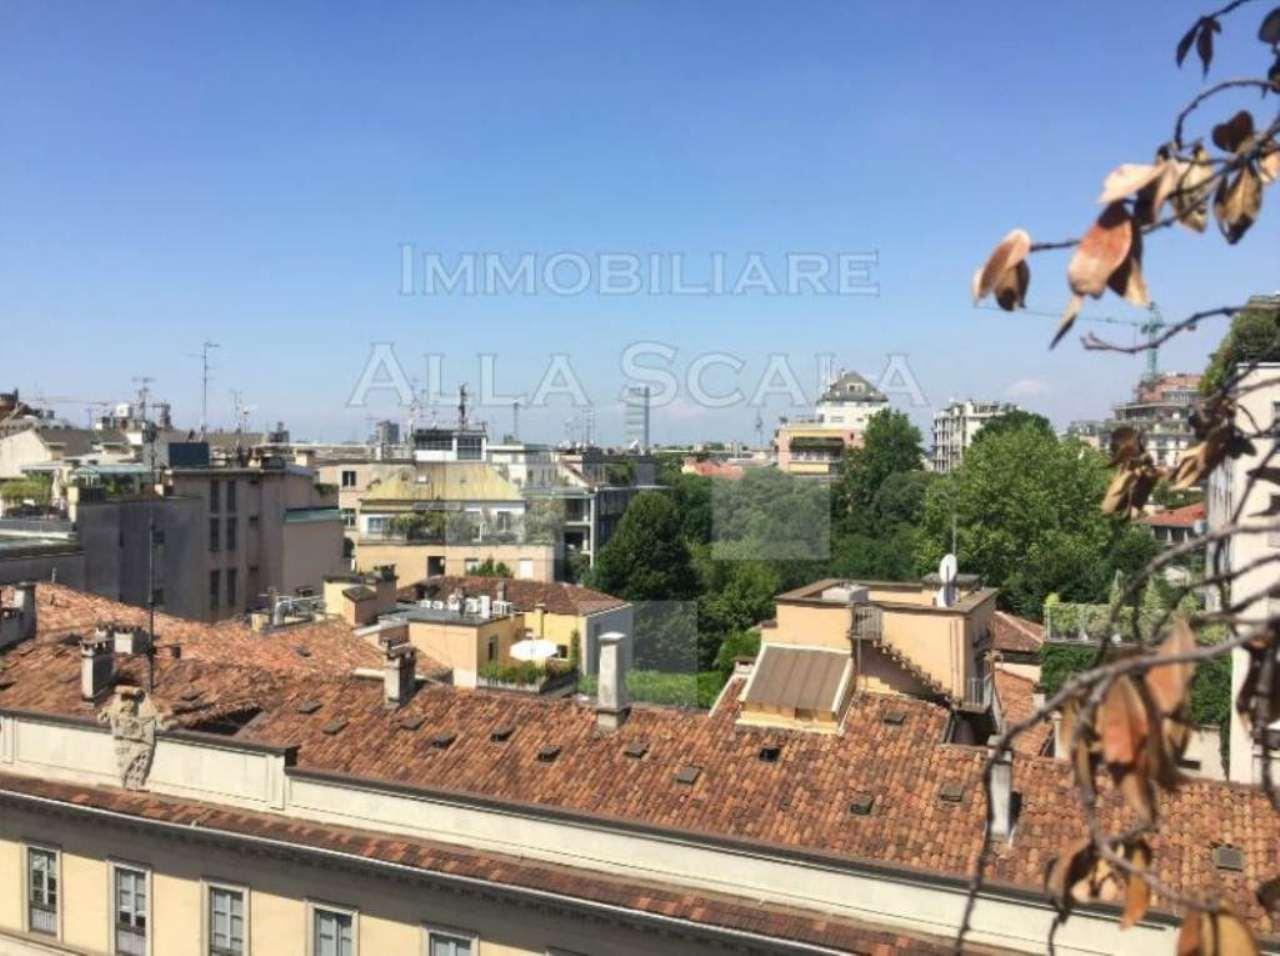 Attico in Vendita a Milano: 3 locali, 135 mq - Foto 2